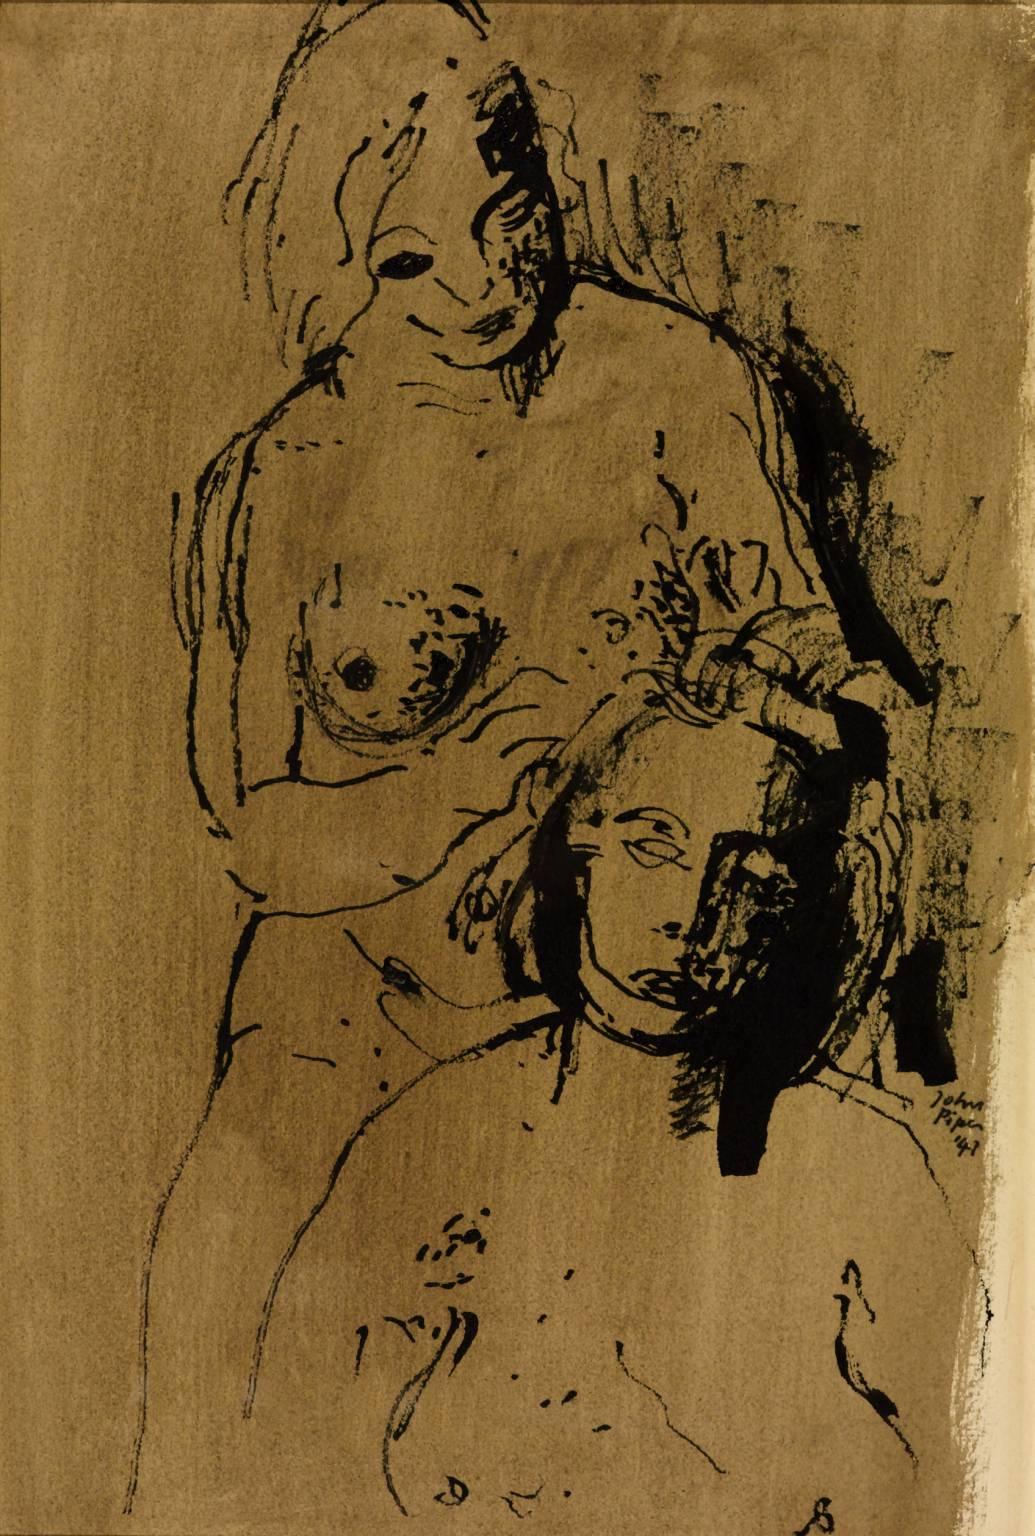 1035x1536 Figure Drawing', John Piper, 1941 Tate